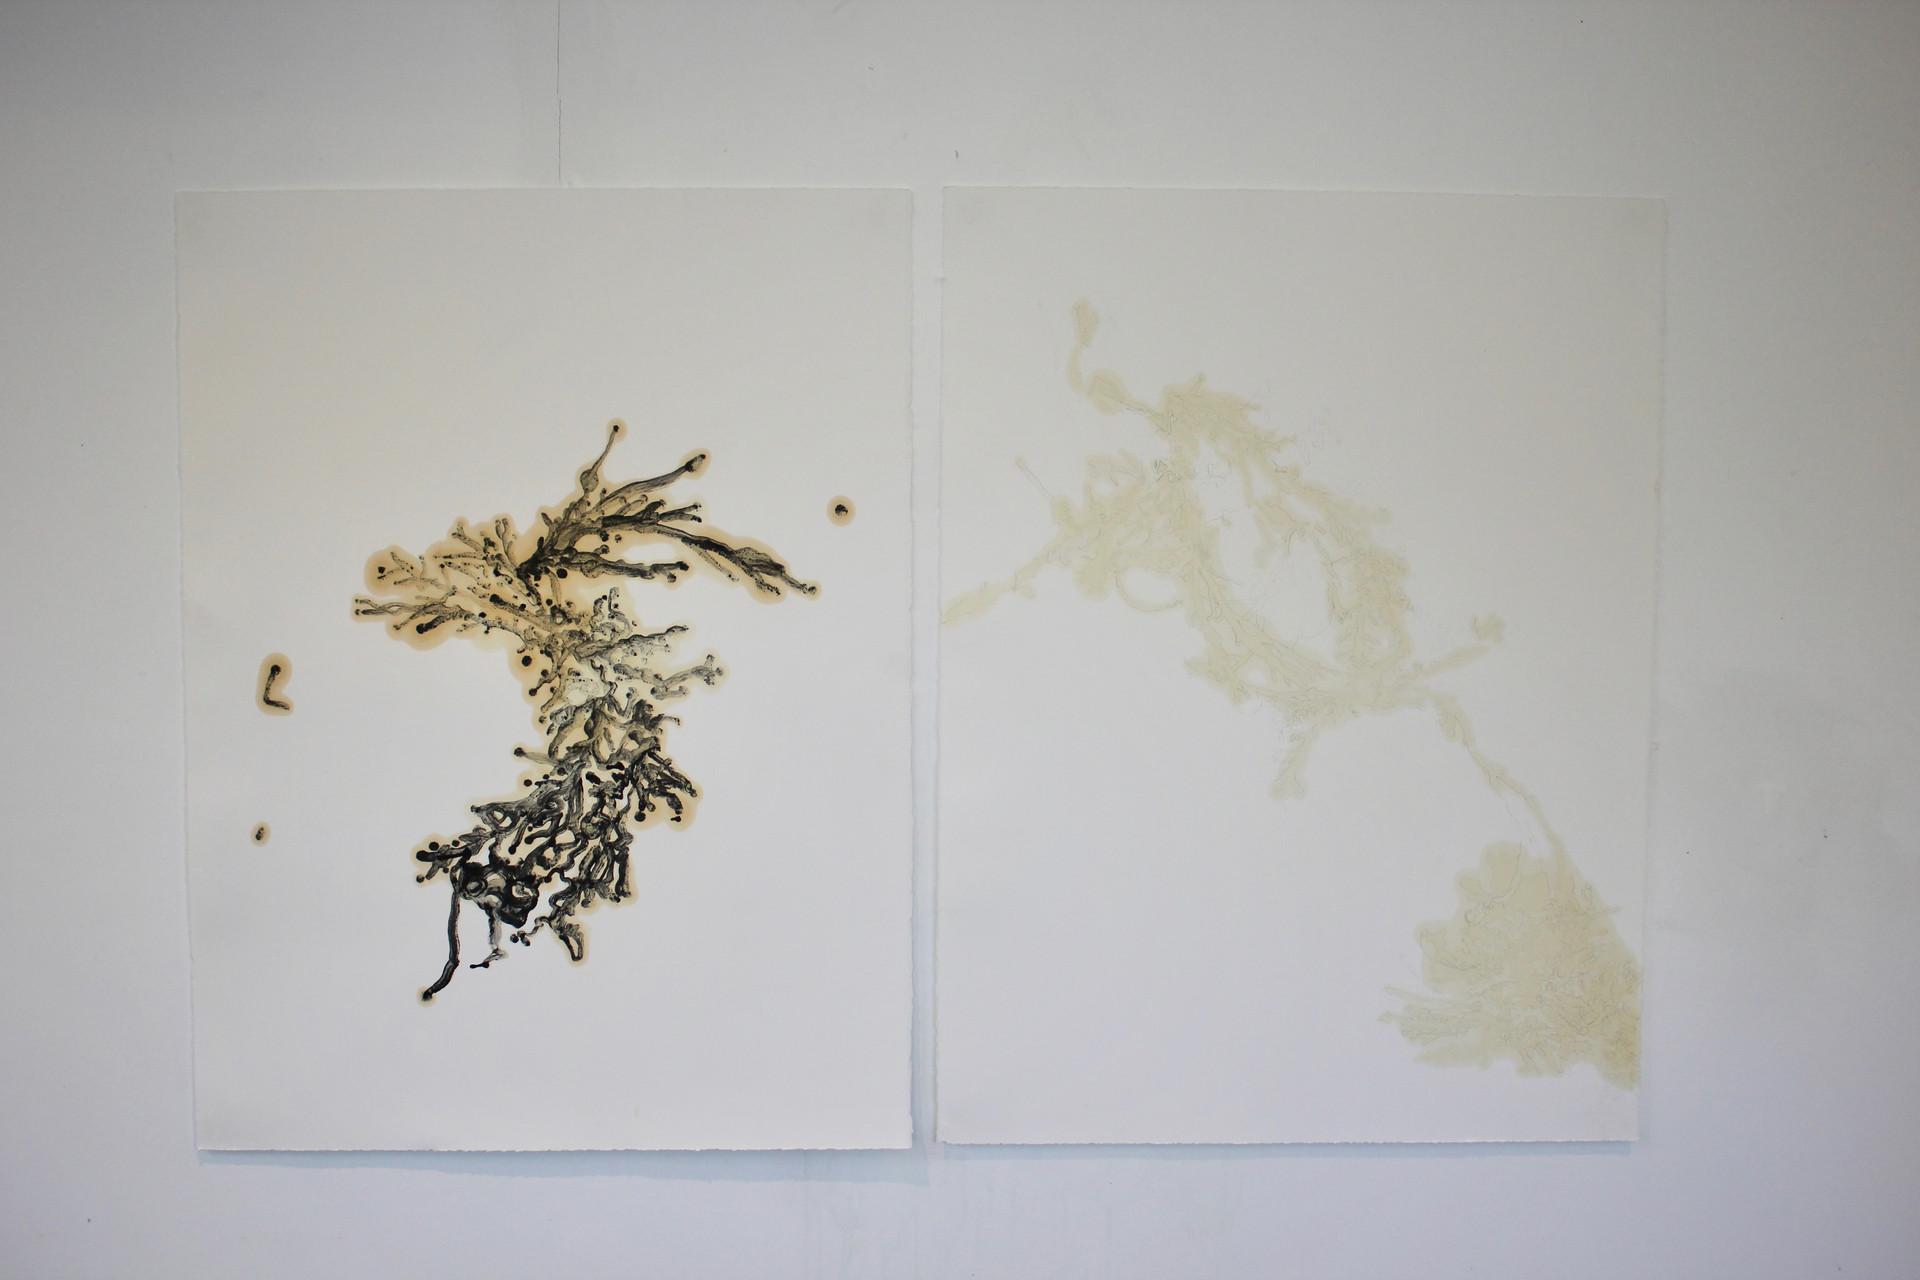 oil on somerset black : white 50 x 70 cm each